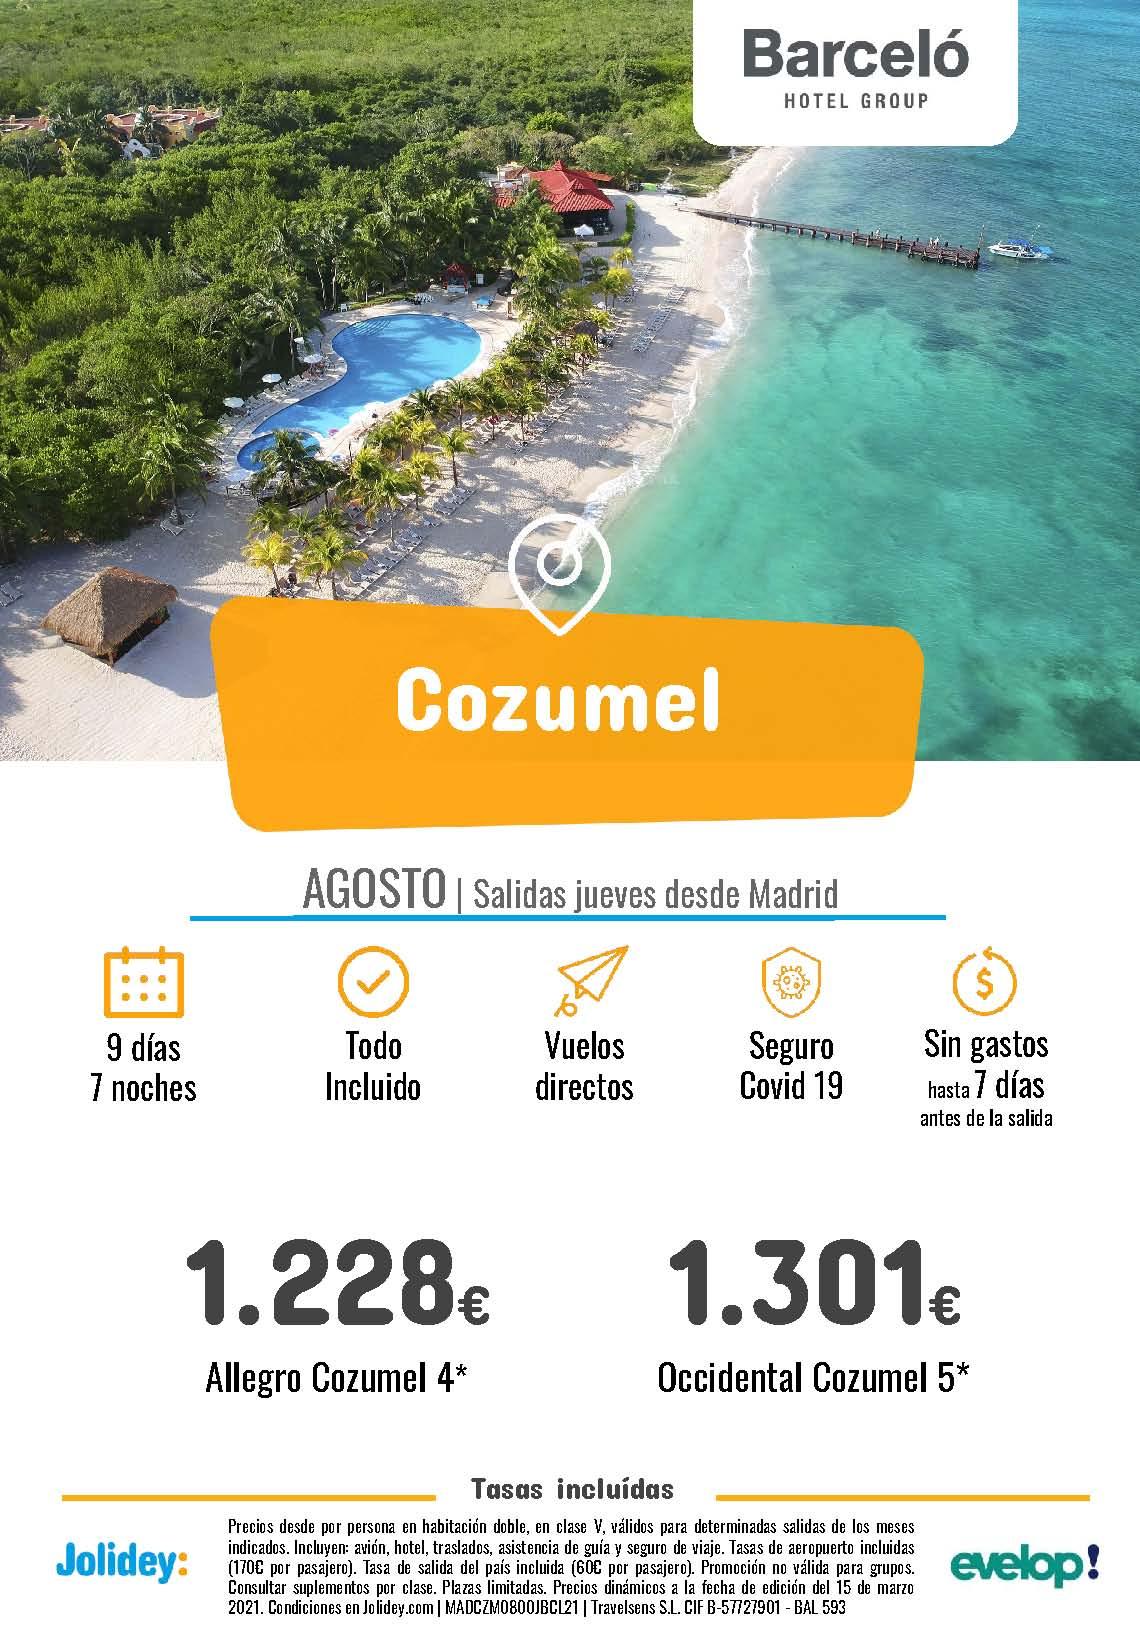 Oferta Jolidey Vacaciones en Cozumel hoteles Barcelo Agosto 2021 salida en vuelo directo desde Madrid